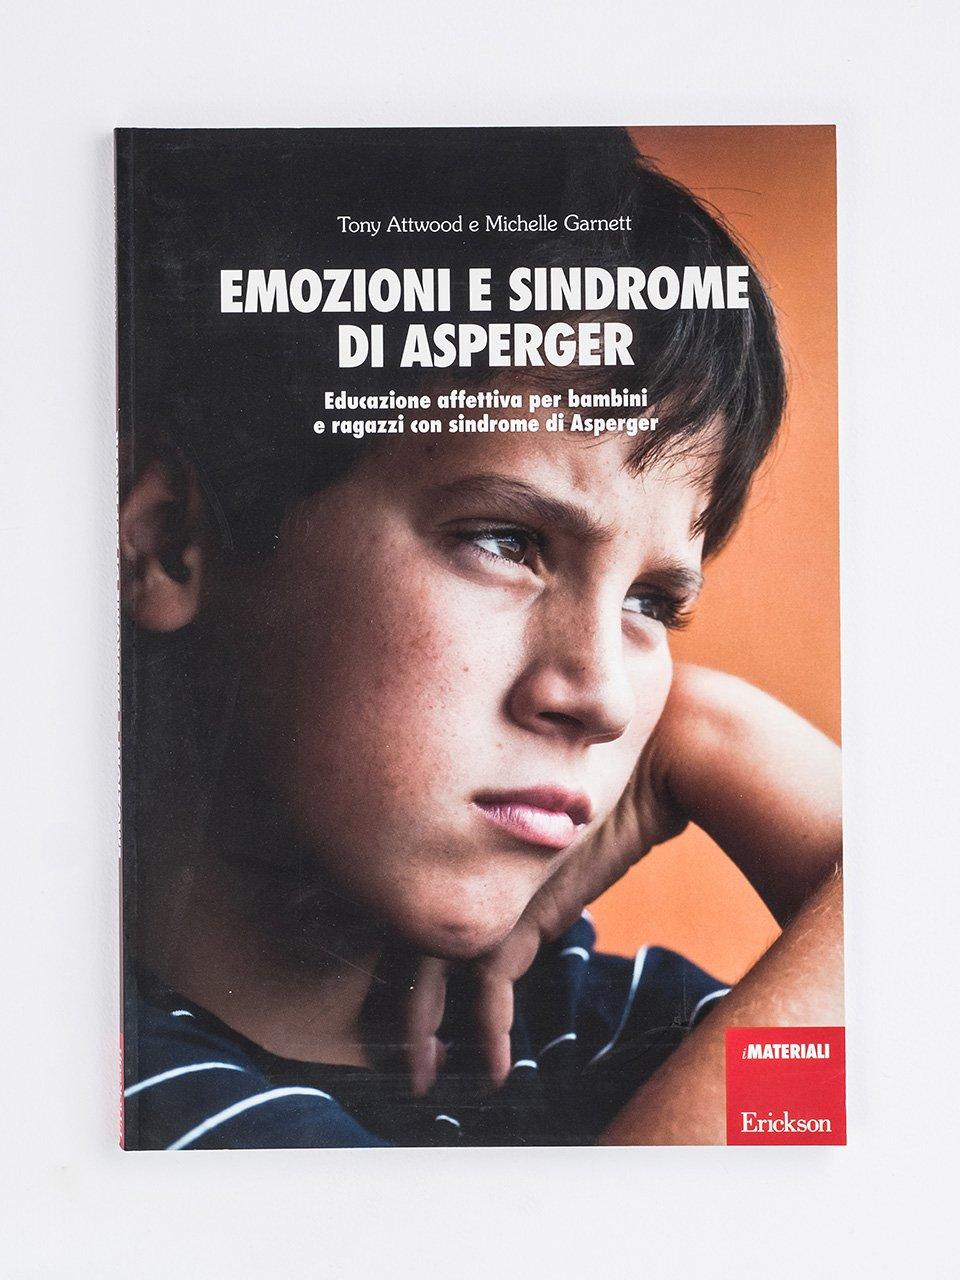 Emozioni e sindrome di Asperger - Vedere, pensare altre cose - Libri - Erickson